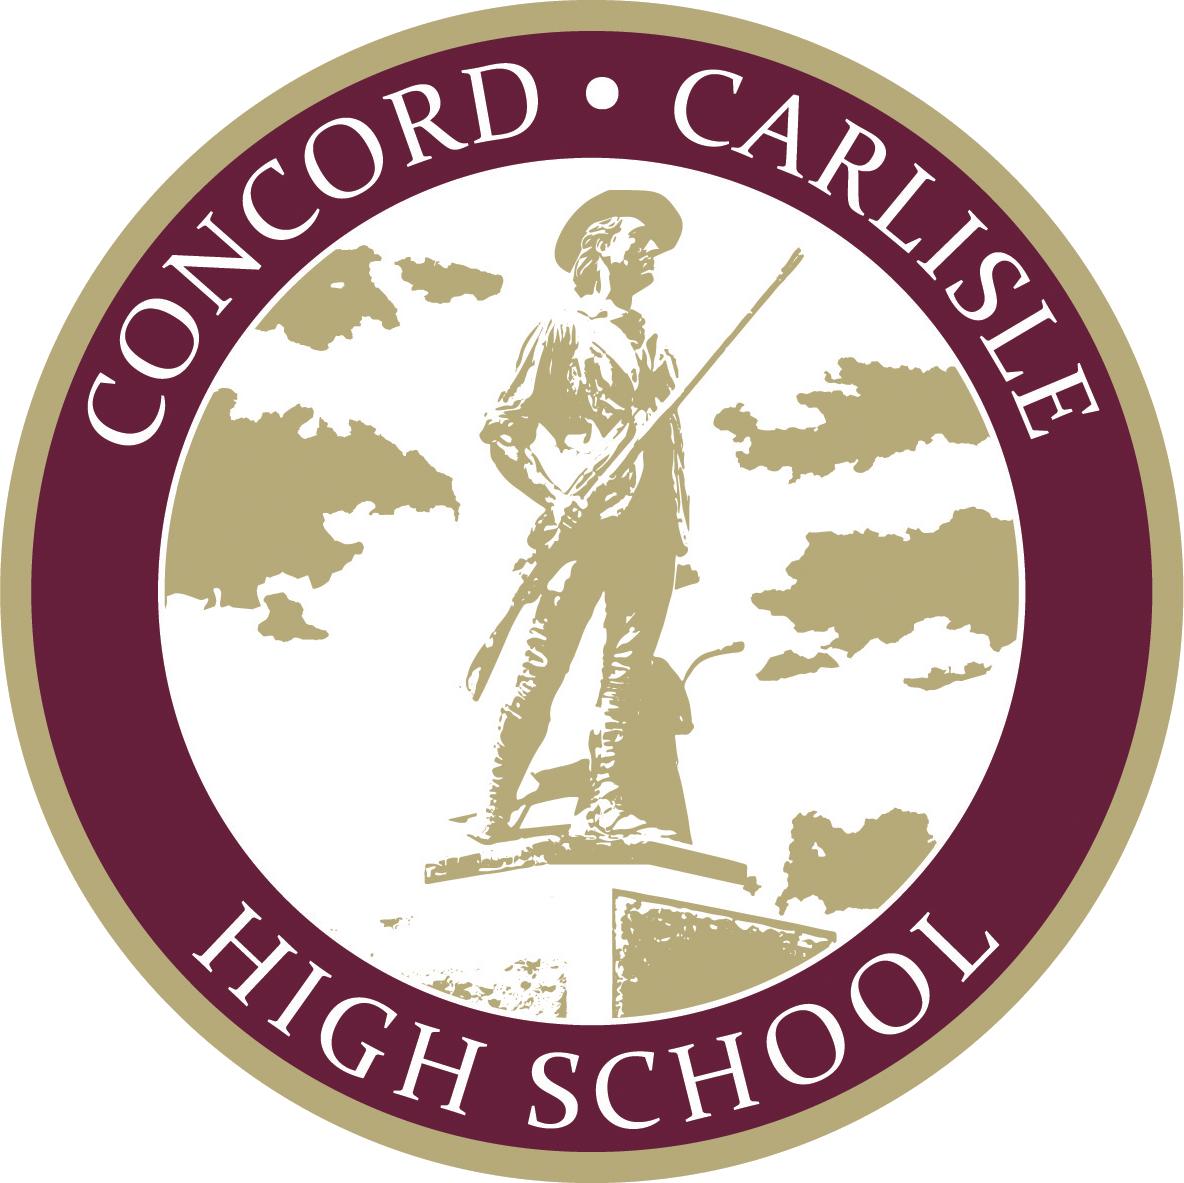 High school team logo